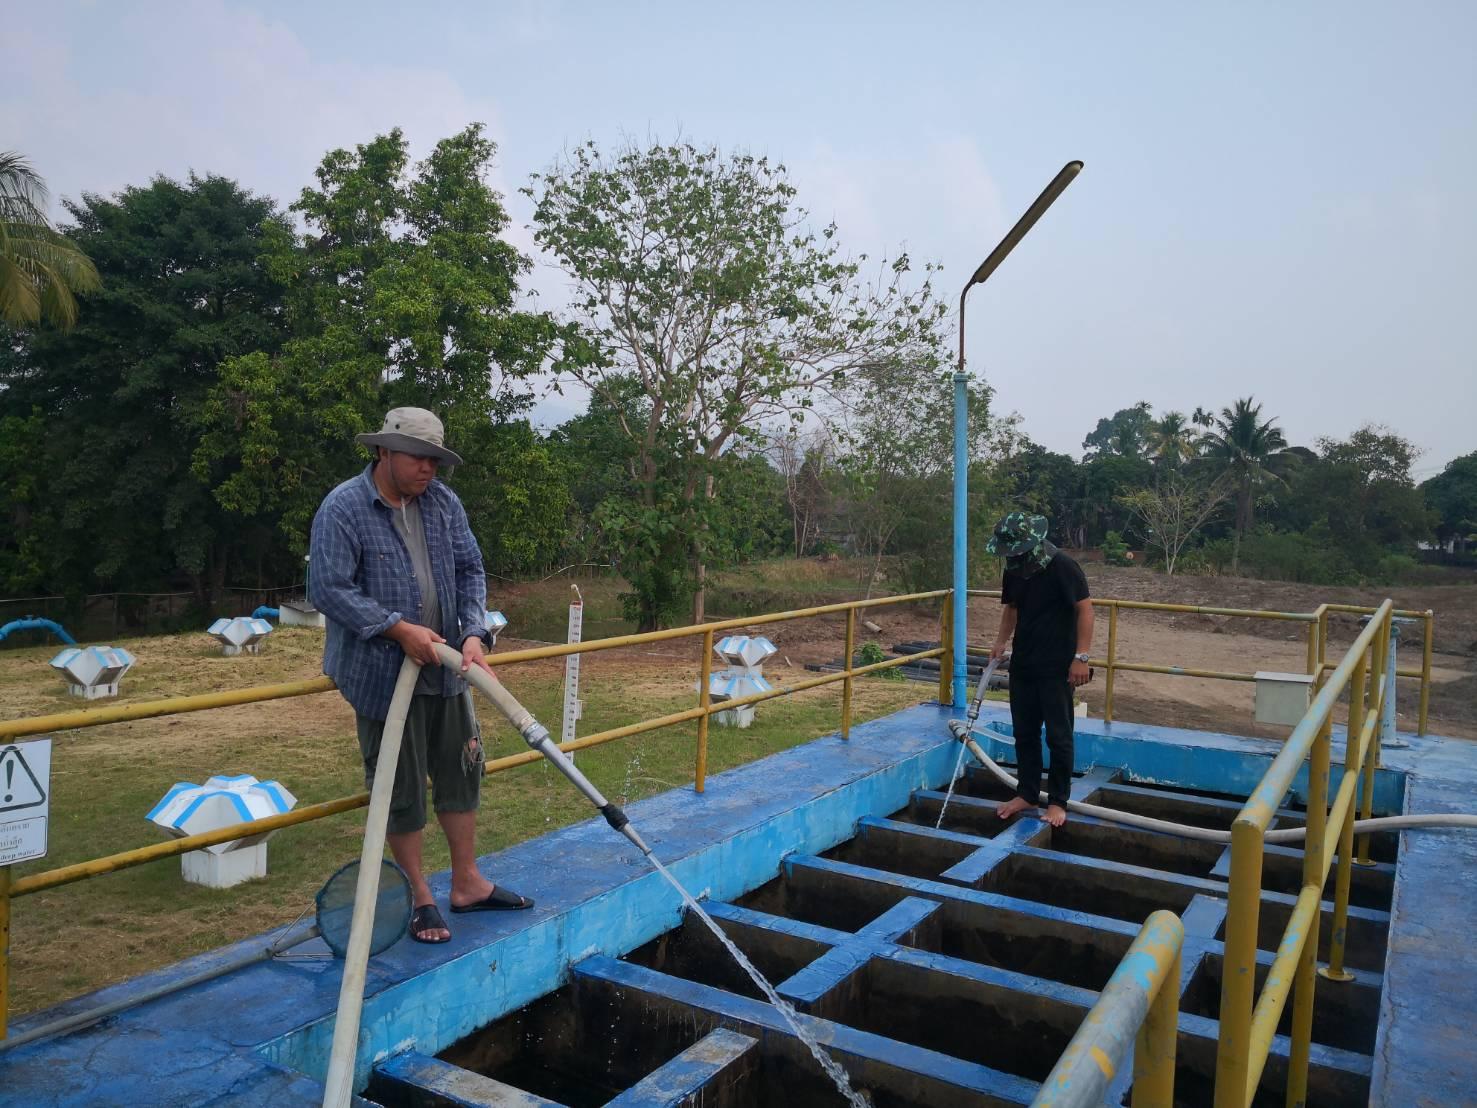 กปภ.สาขาขลุง ปฏิบัติตามแผนงานโครงการจัดการน้ำสะอาด (WSP)